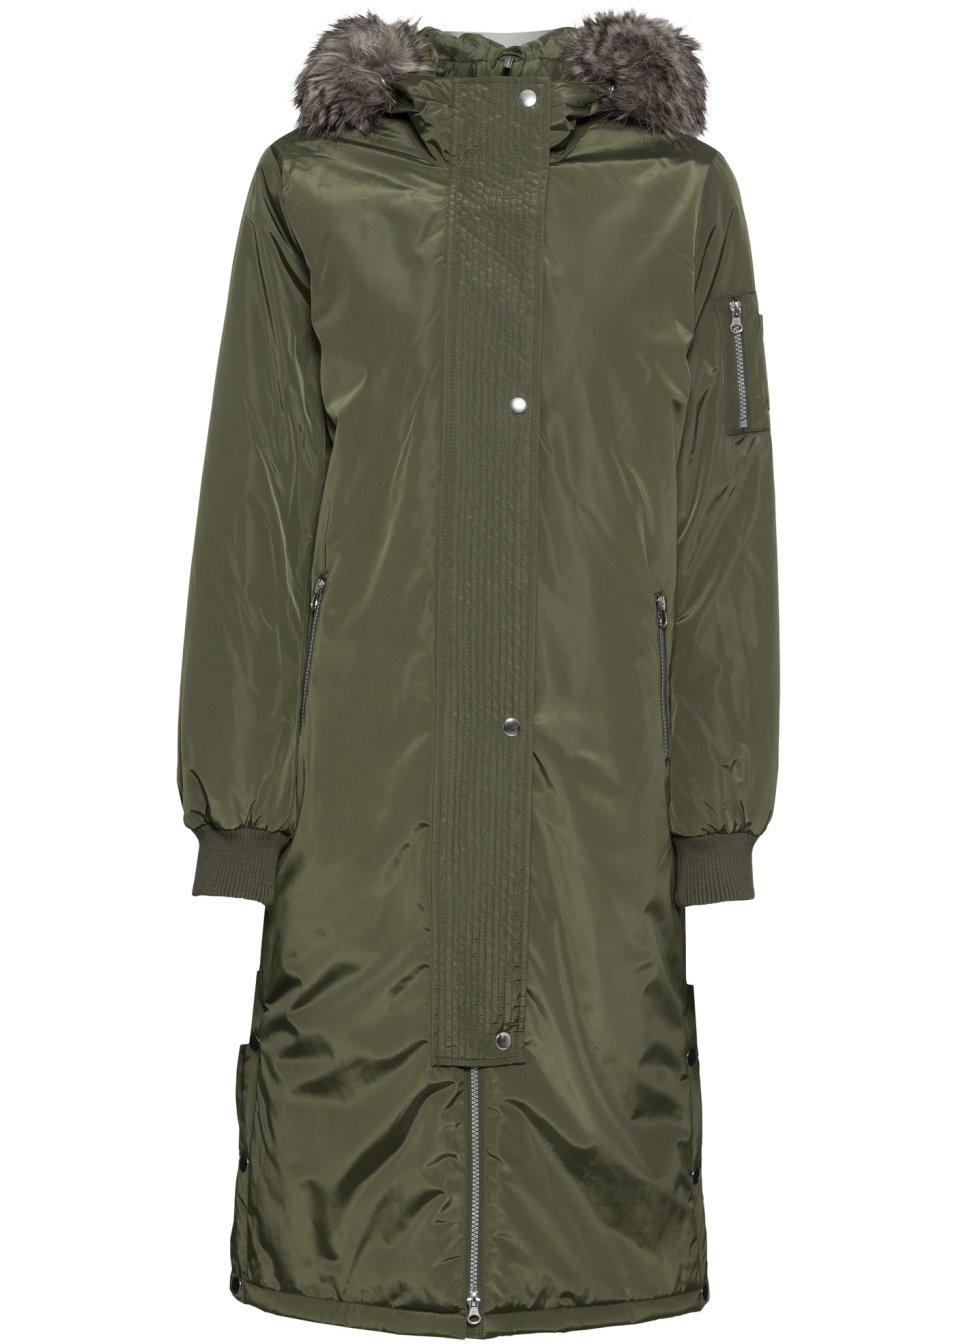 Stylisher Kapuzen-Mantel mit Saumschlitzen und Druckknöpfen - dunkeloliv rPqni RdWww